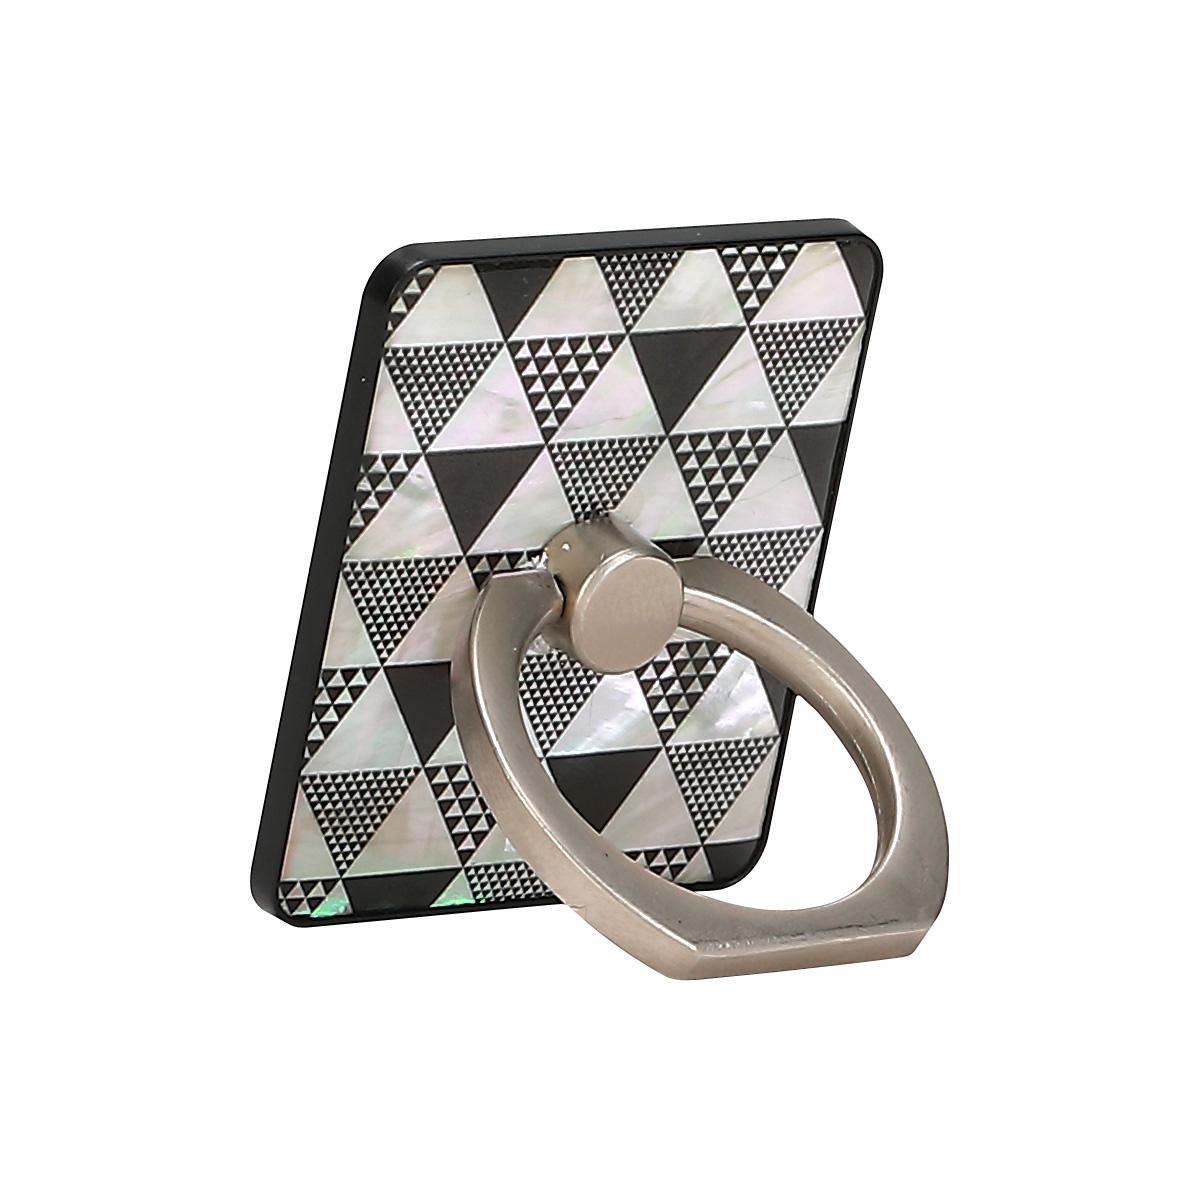 スマホリング ikins 天然貝 スマートリング(アイキンス)落下防止 ホールドリング 指輪型 バンカーリング